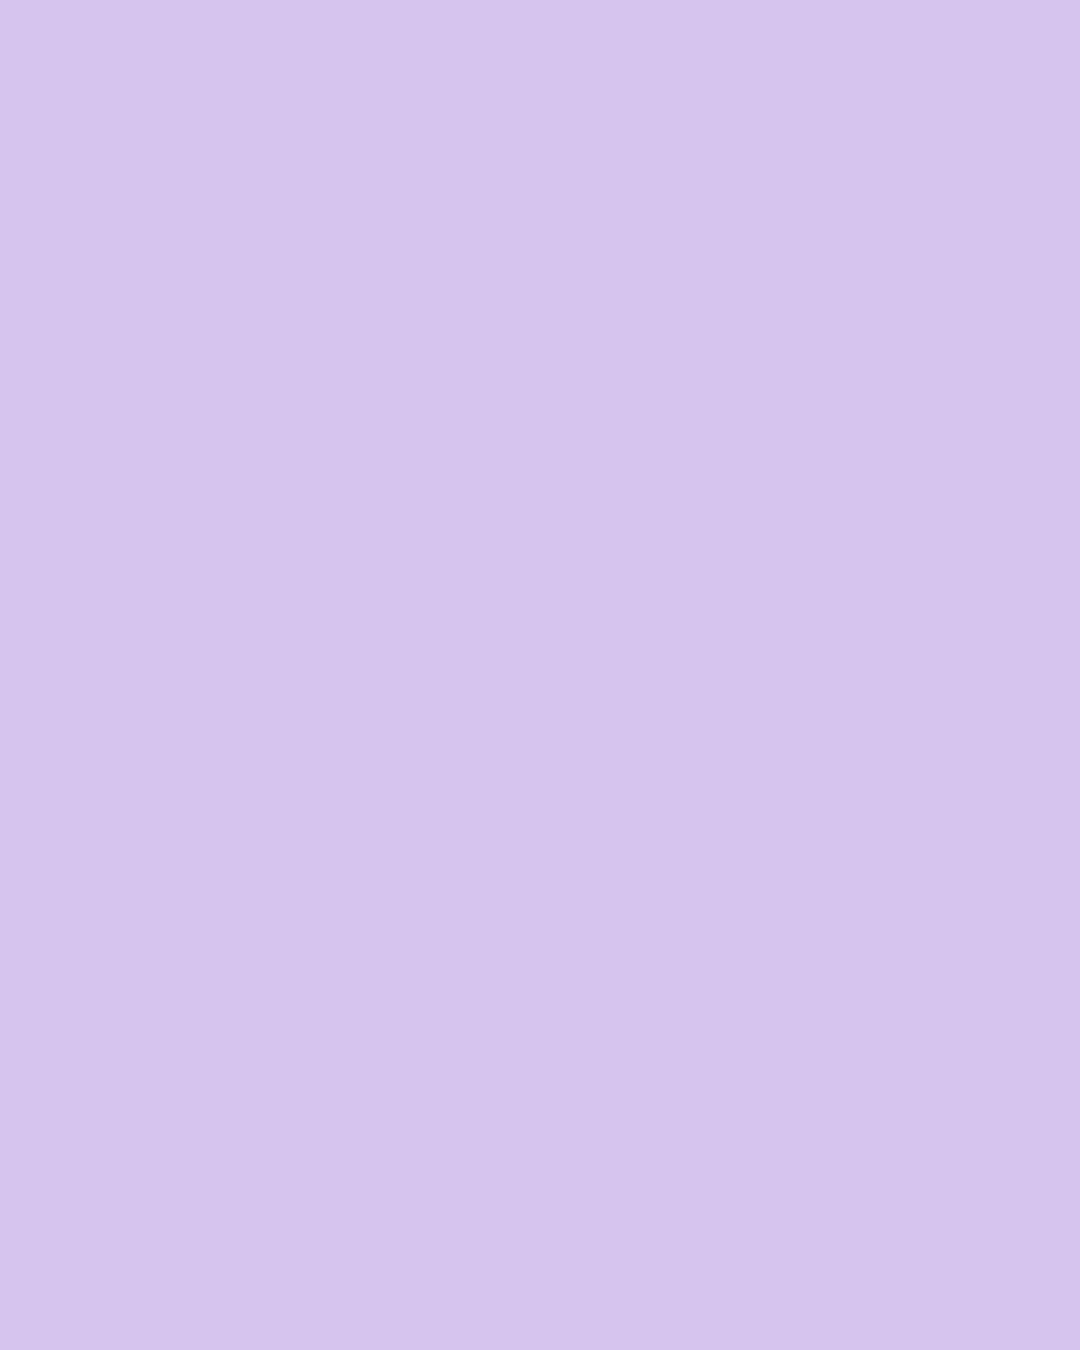 light purple backdrop